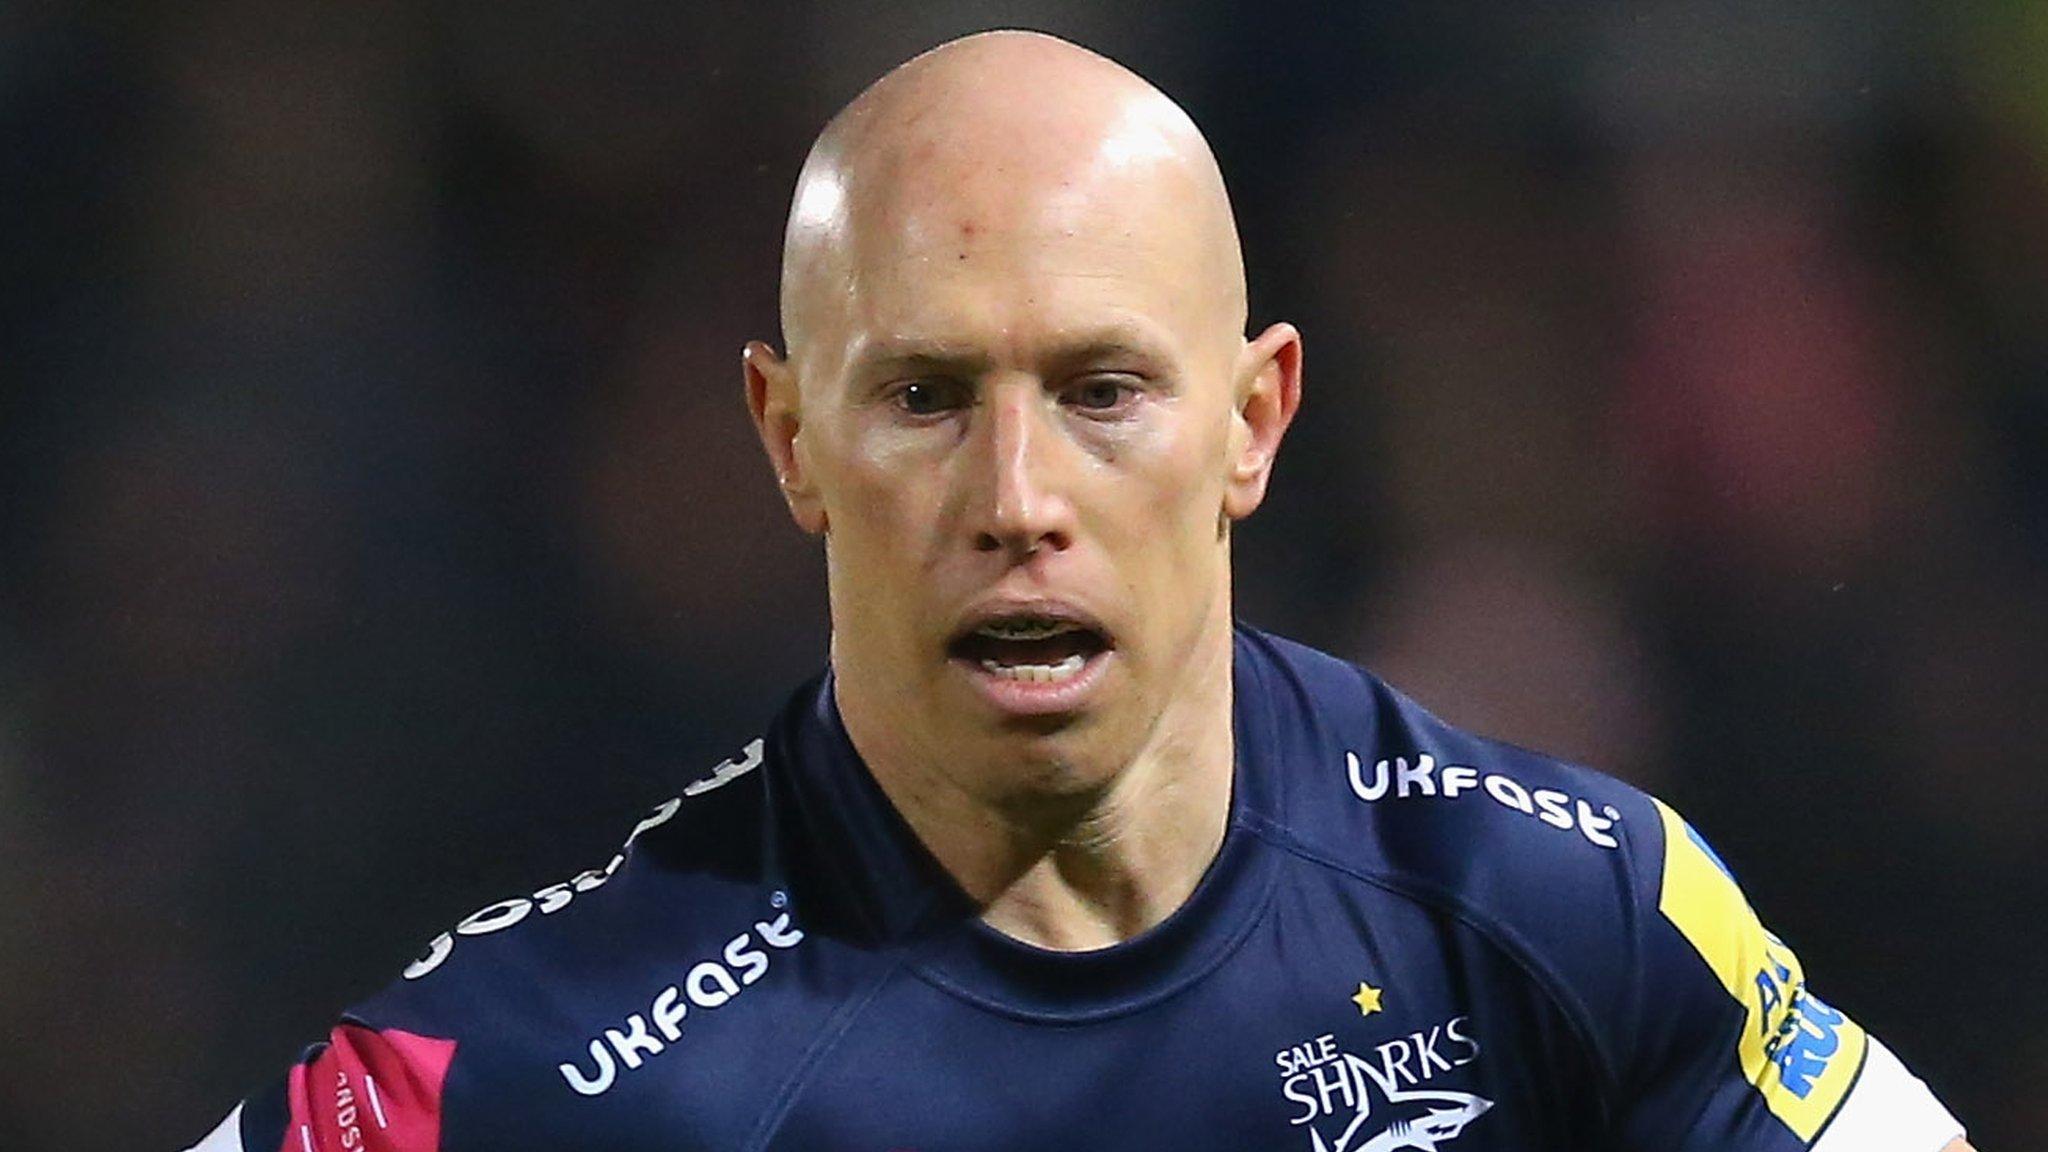 Ex-Ireland scrum-half Stringer signs for Worcester aged 39